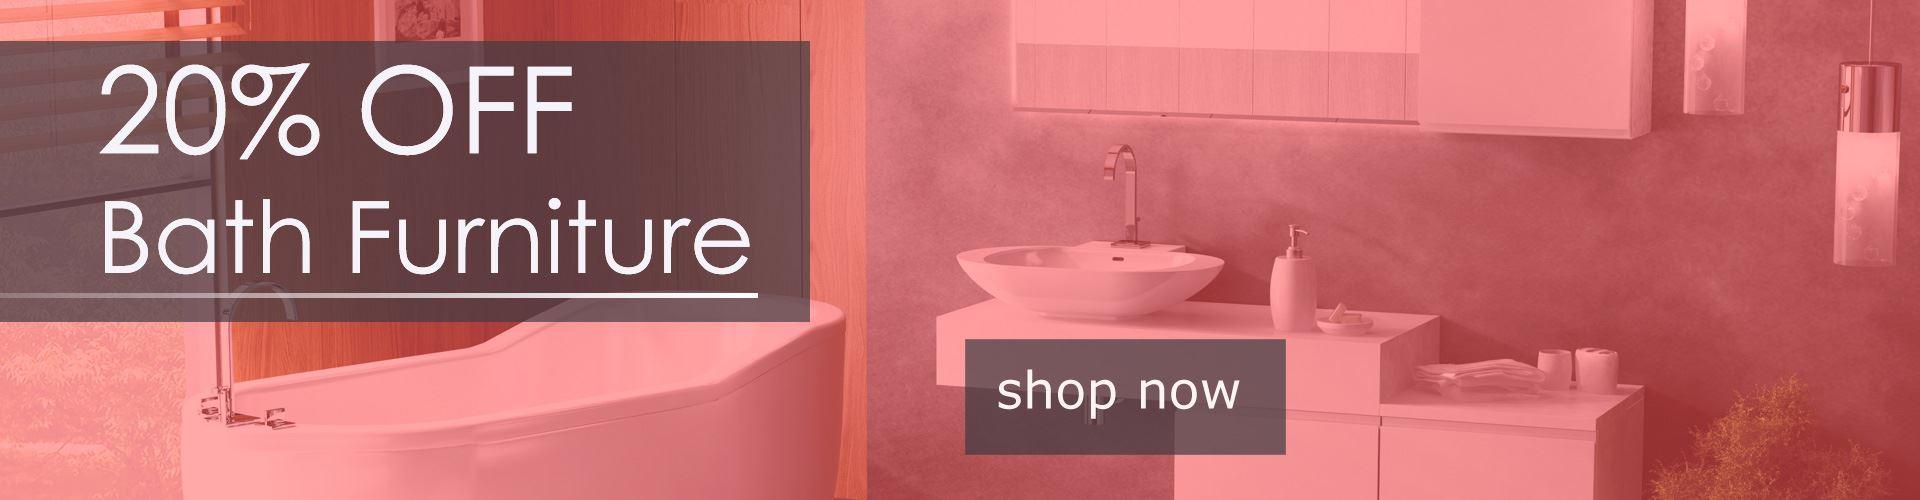 Bath Furniture 20% OFF